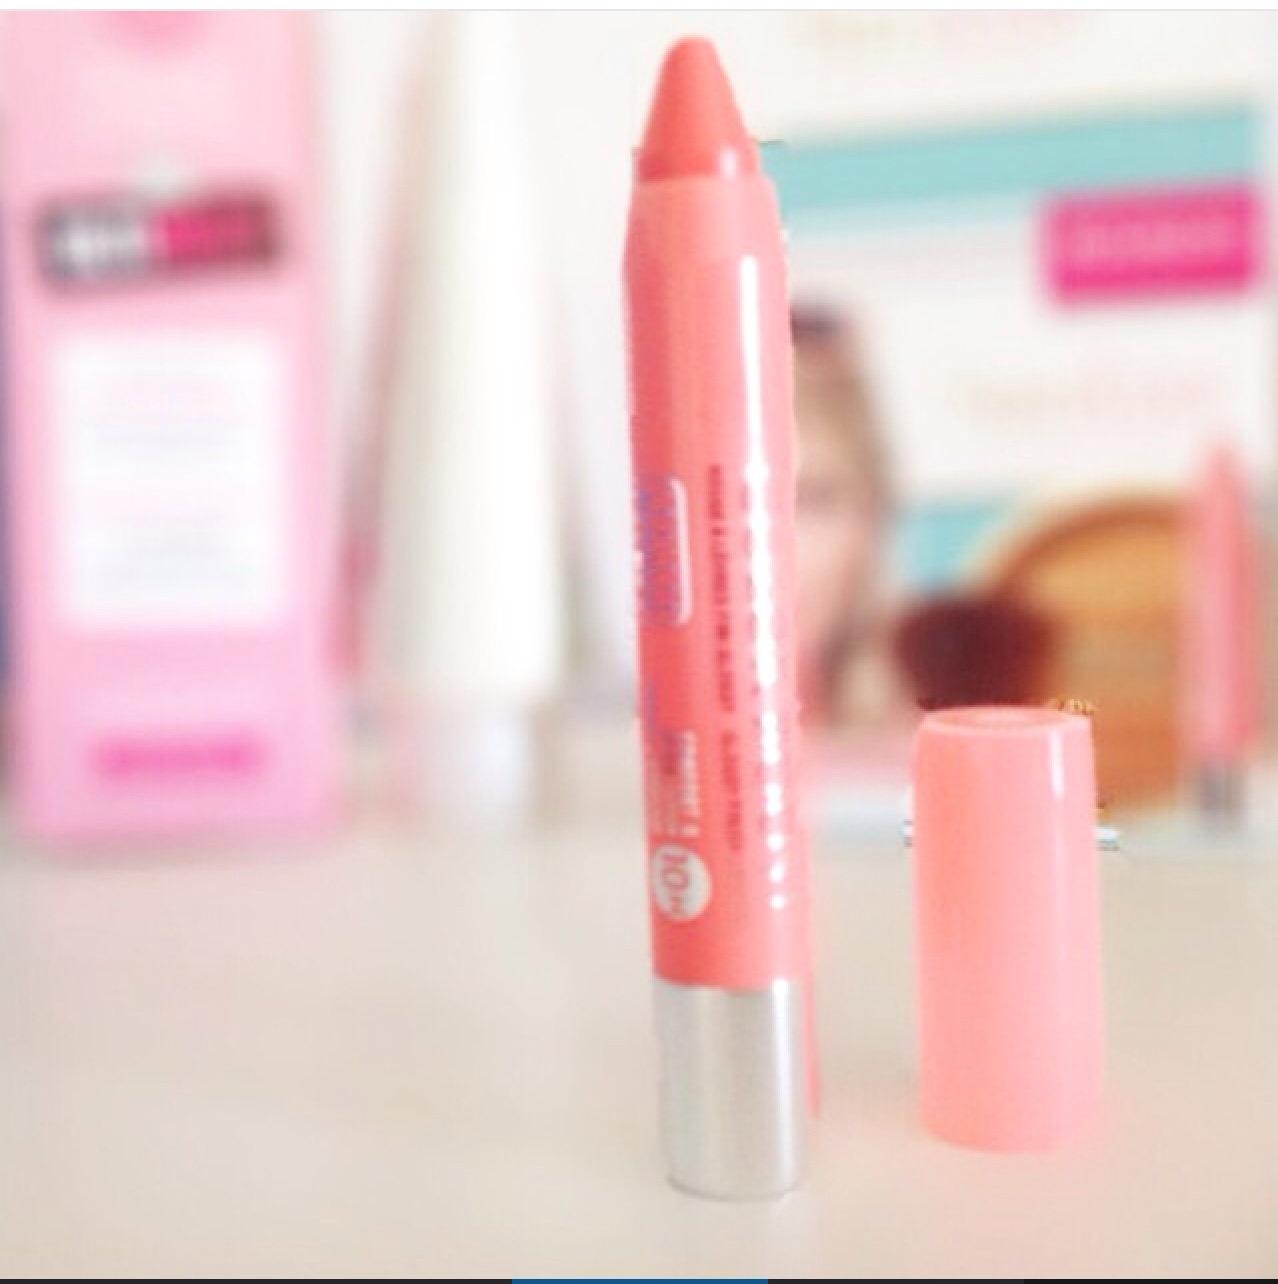 Bourjois lip crayon